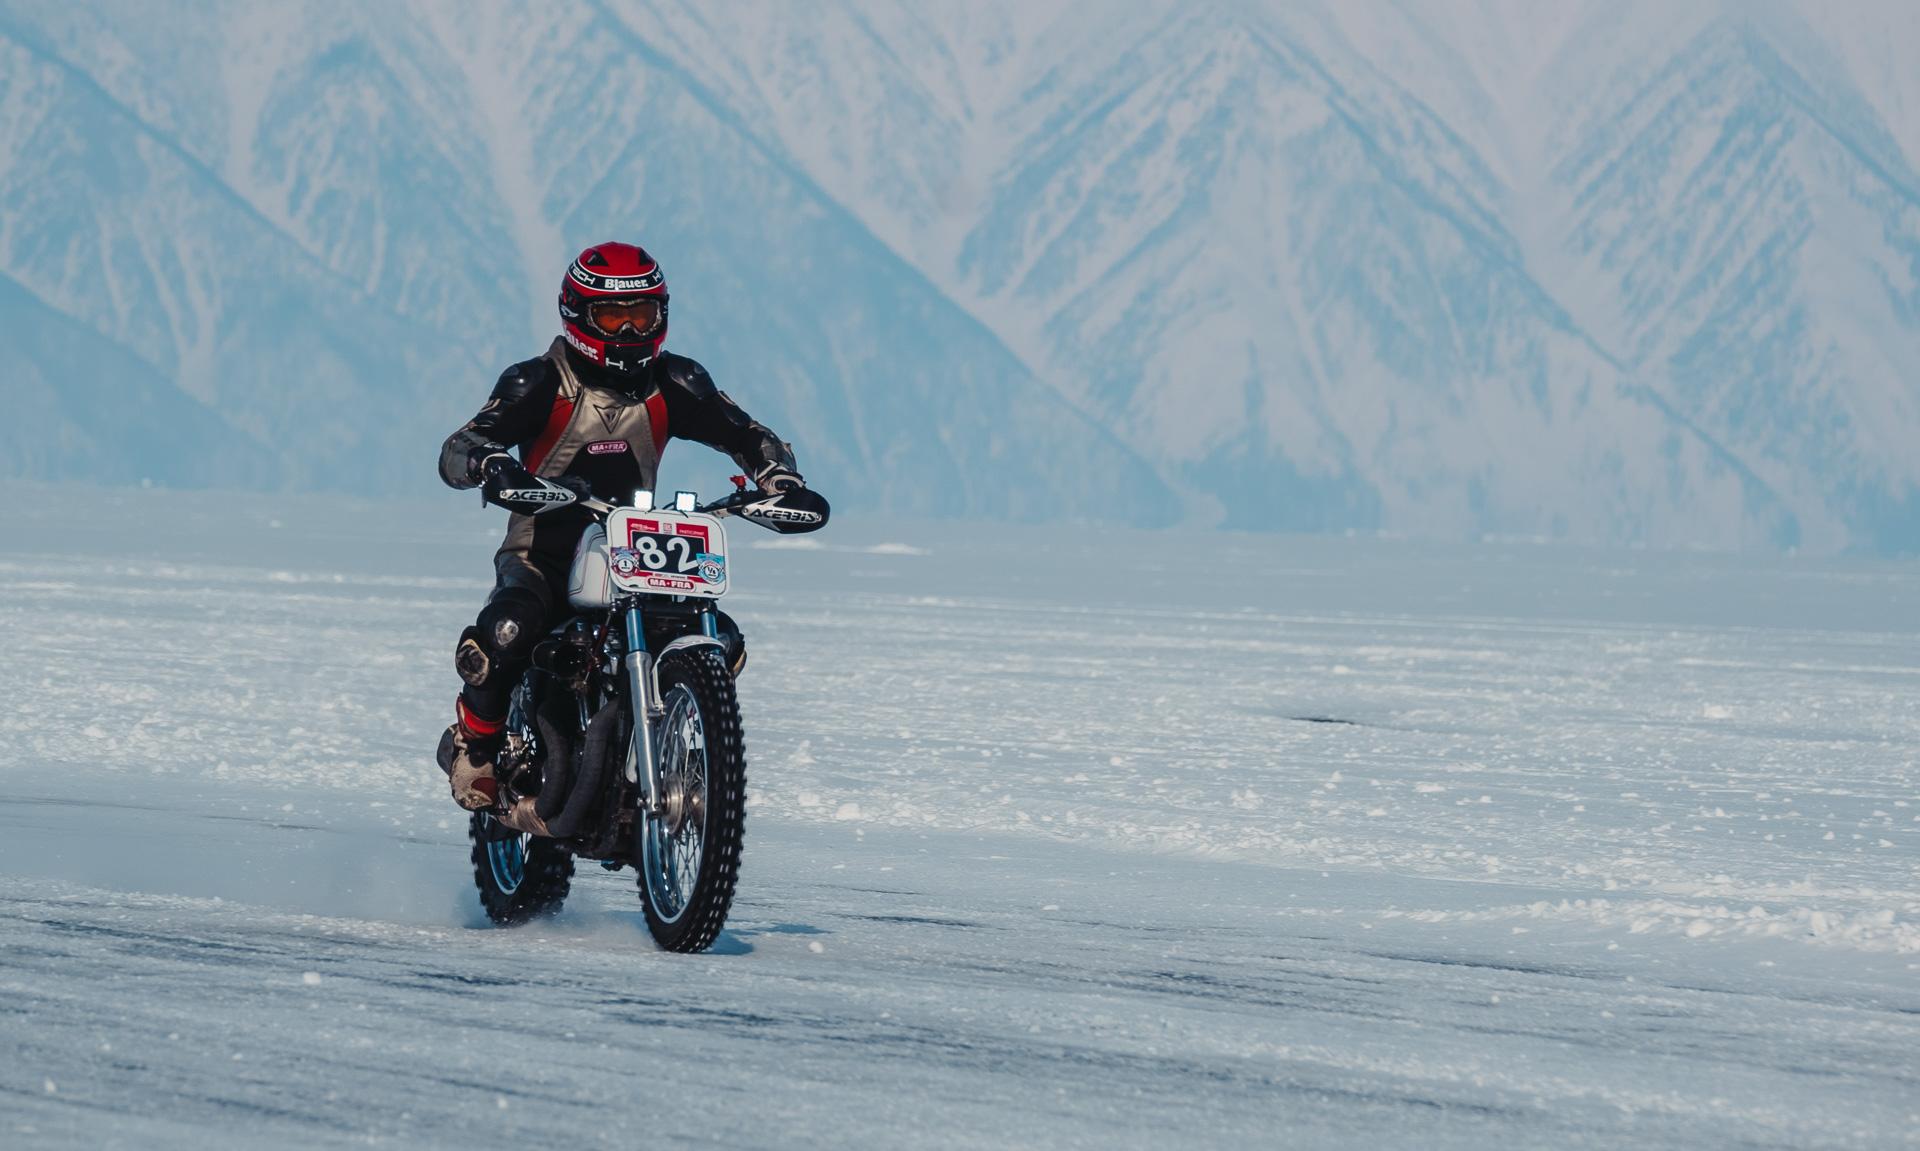 Байкальская Миля 2020 - Любимов Михаил Михайлович Harley-Davidson XL 1200 1312